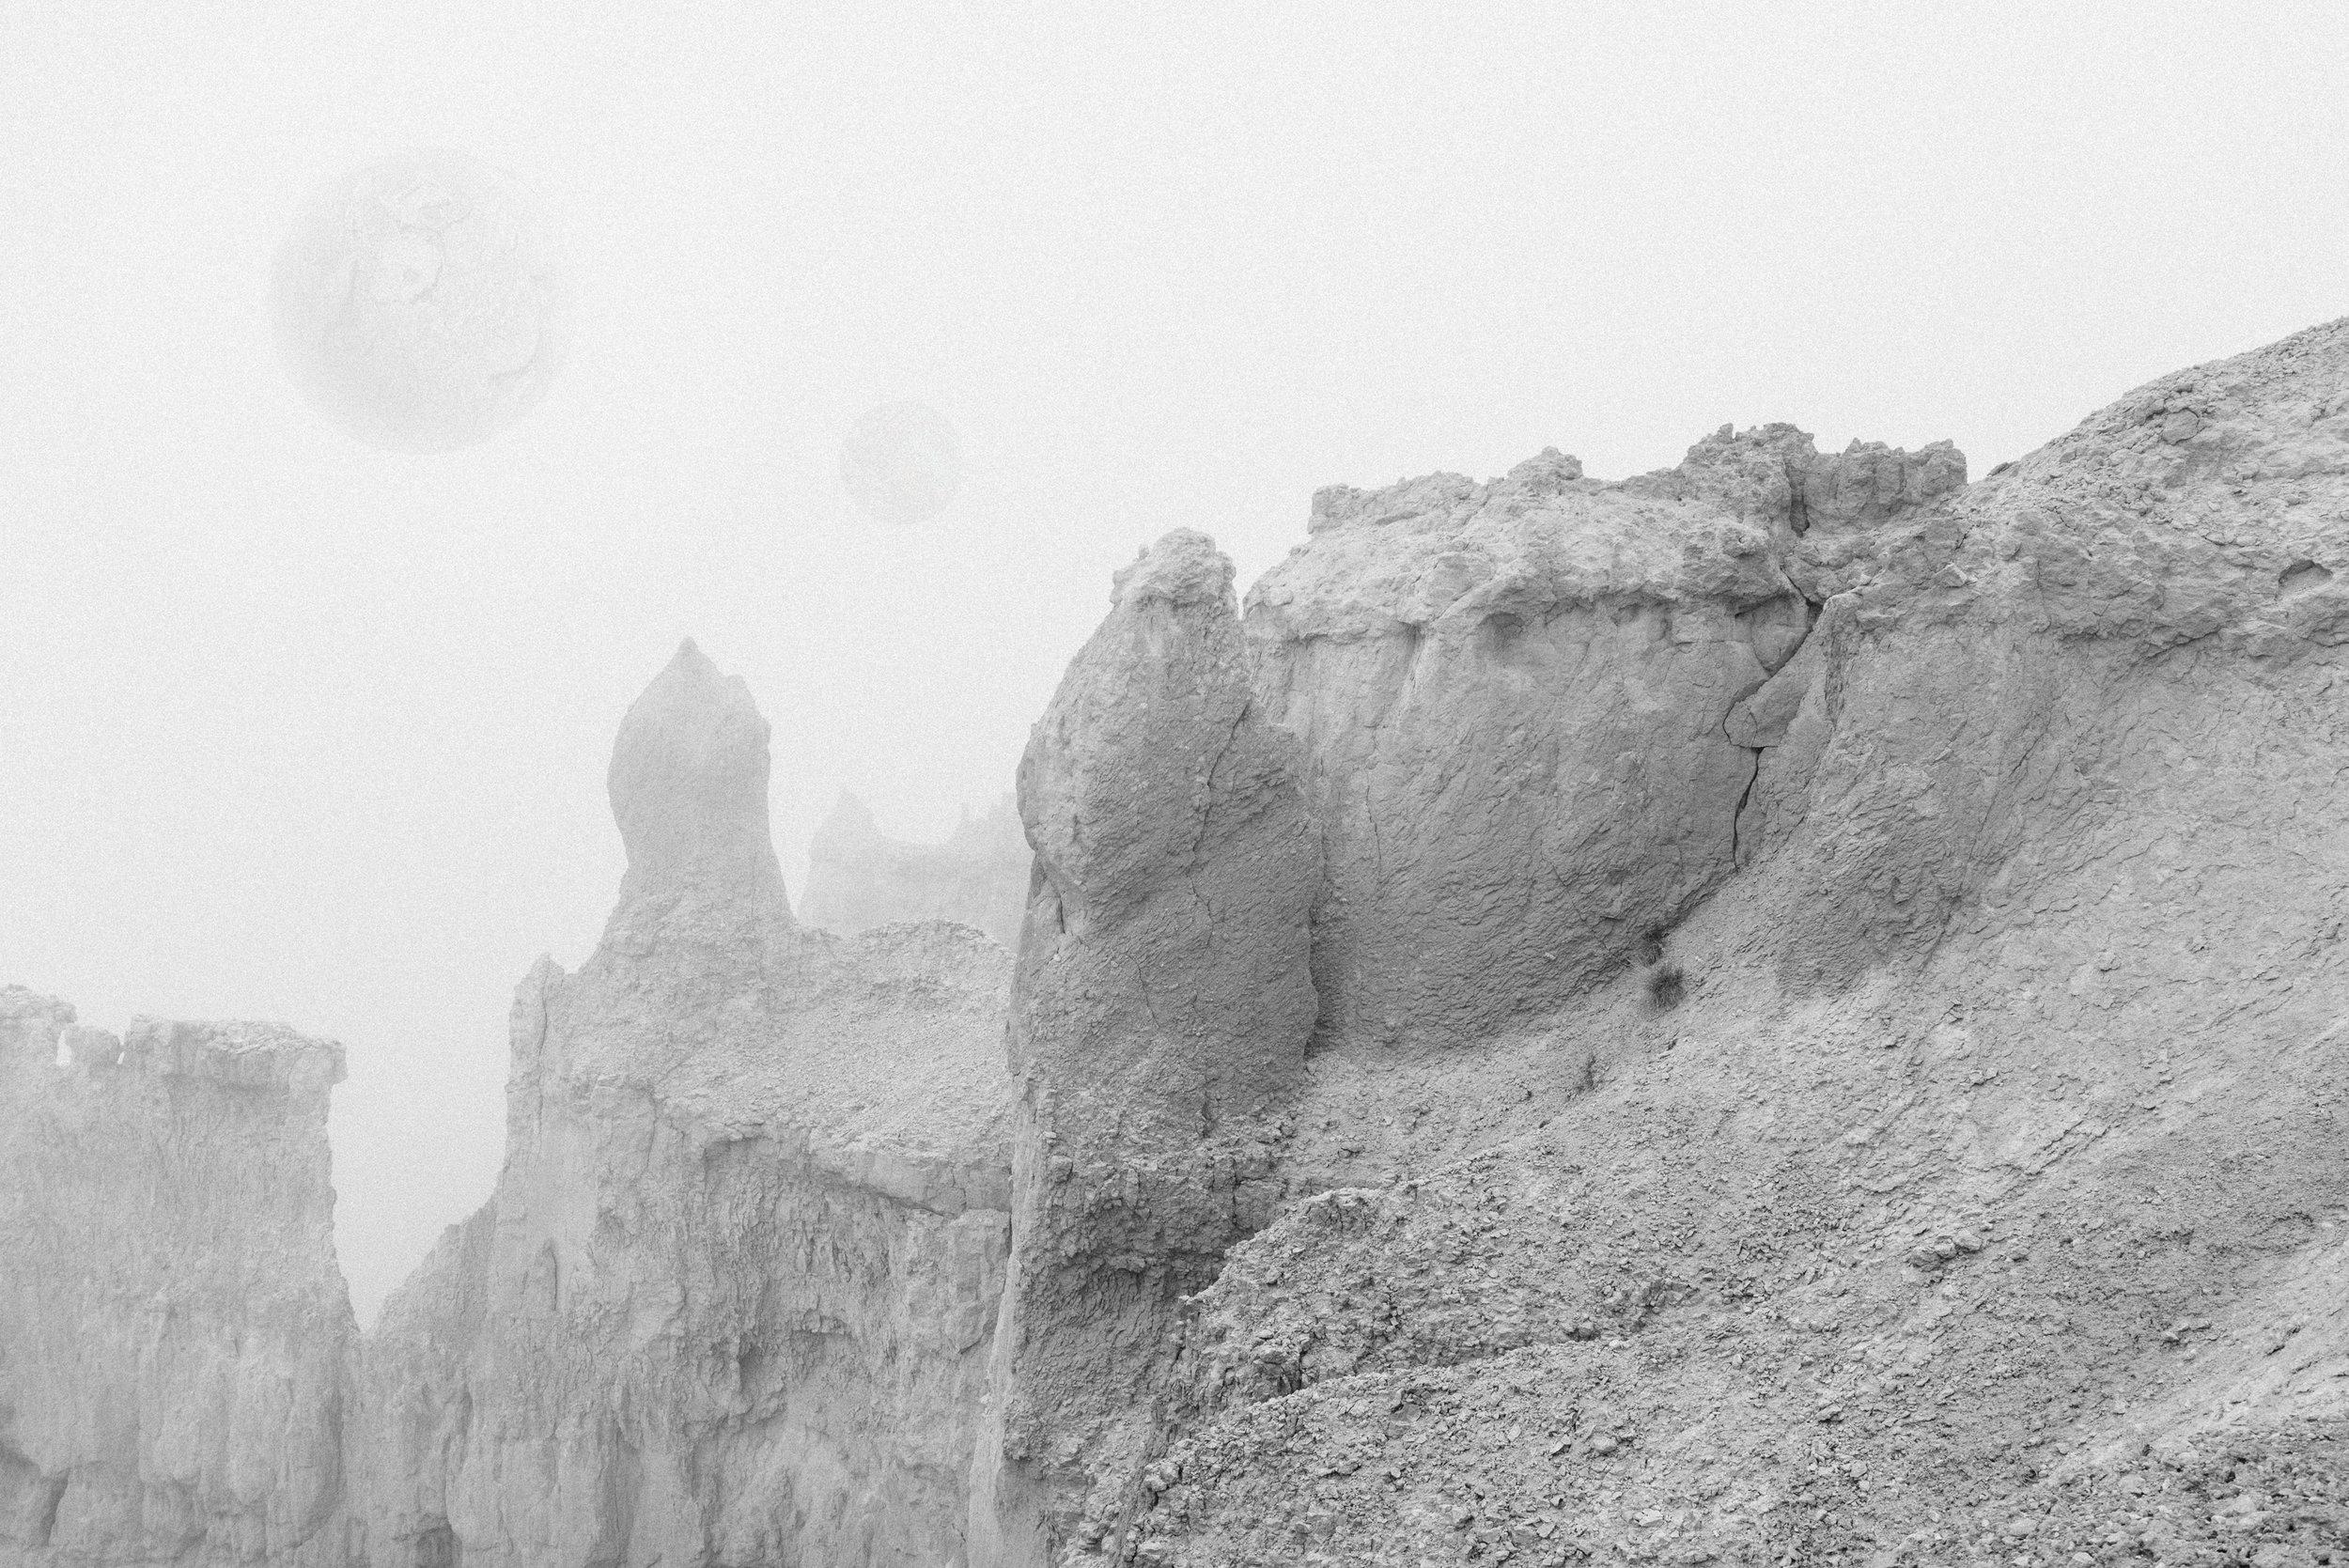 Trappist-1 Exoplanet Landscape Rendering 2